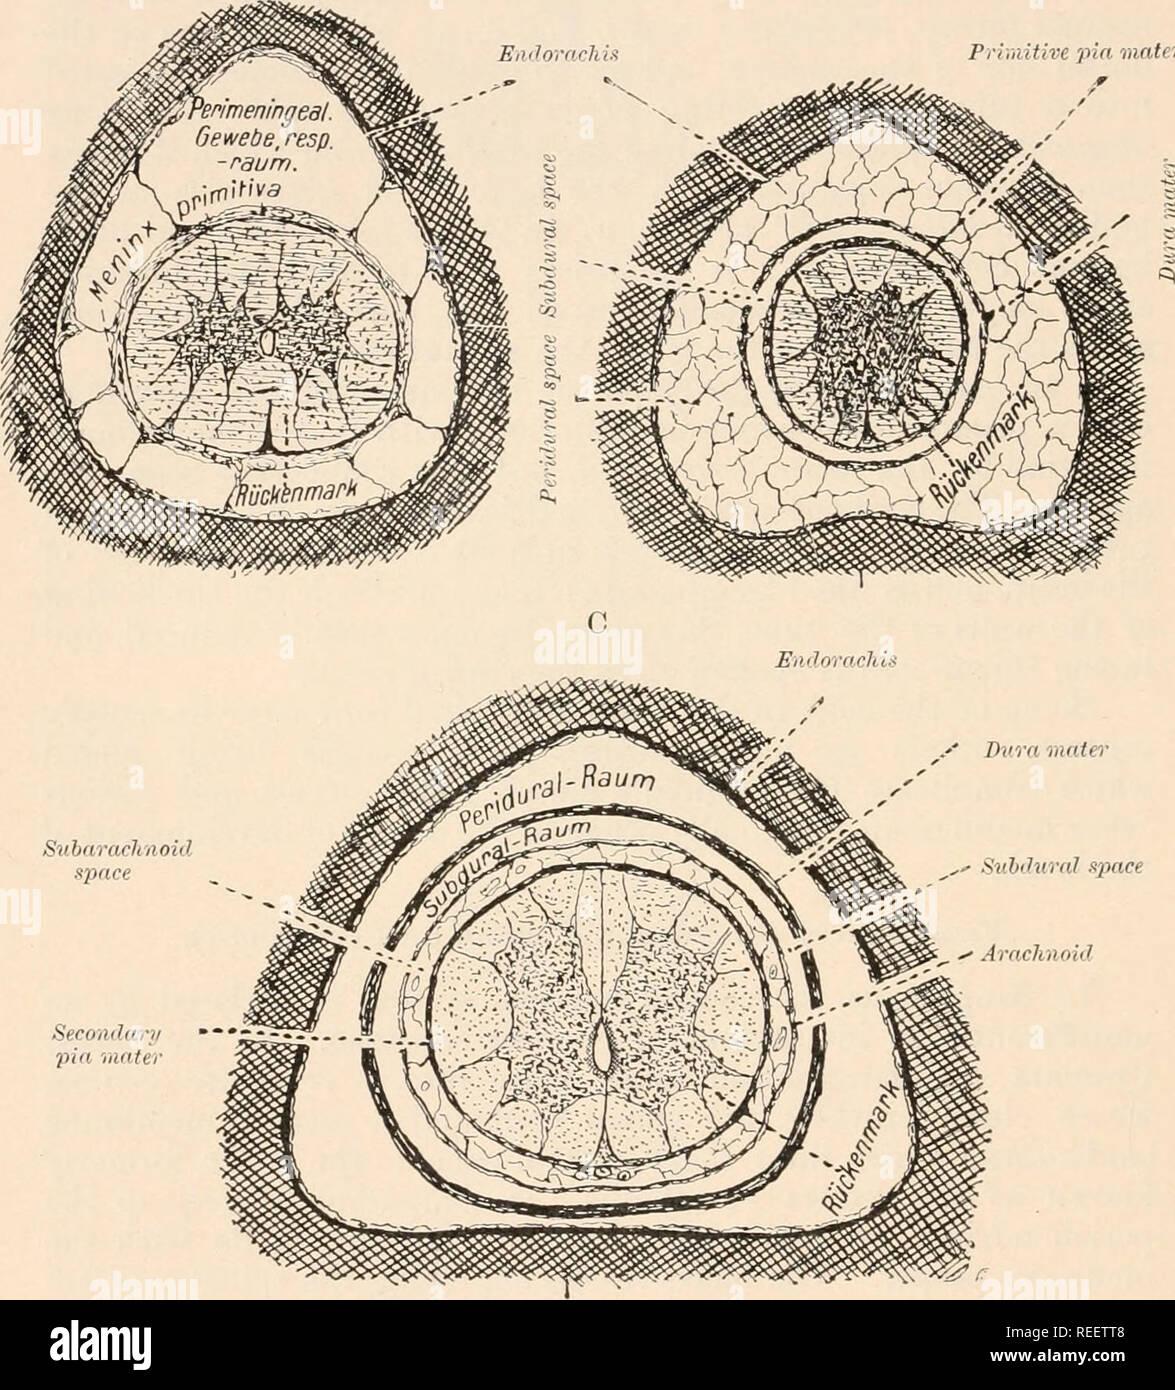 """. Anatomía Comparada de los vertebrados. Anatomía, comparativo; Vertebrados. 190 La anatomía comparada la apariencia de un espacio linfático en la membrana meníngea primitivo, dividirlo en un exterior duramadre spinalis y un primitivo interior pia mater. Existe pues un pi /•/<//////I O /</n./-""""I xjxtir, externos a la duramadre, y una xitlitlii.nil .syvmr entre<l la primitiva pia (B). B pasador iiiiitire mater. espacio fi(!. 146.- La inversión de las membranas de la médula espinal EN EL JEFE GROCPS vertebrados. Una, Peces ; B, anfibios y Sauropsida ; C, Mammalia. Semidiagrammatic. (Después de la STER Riic/i). Foto de stock"""